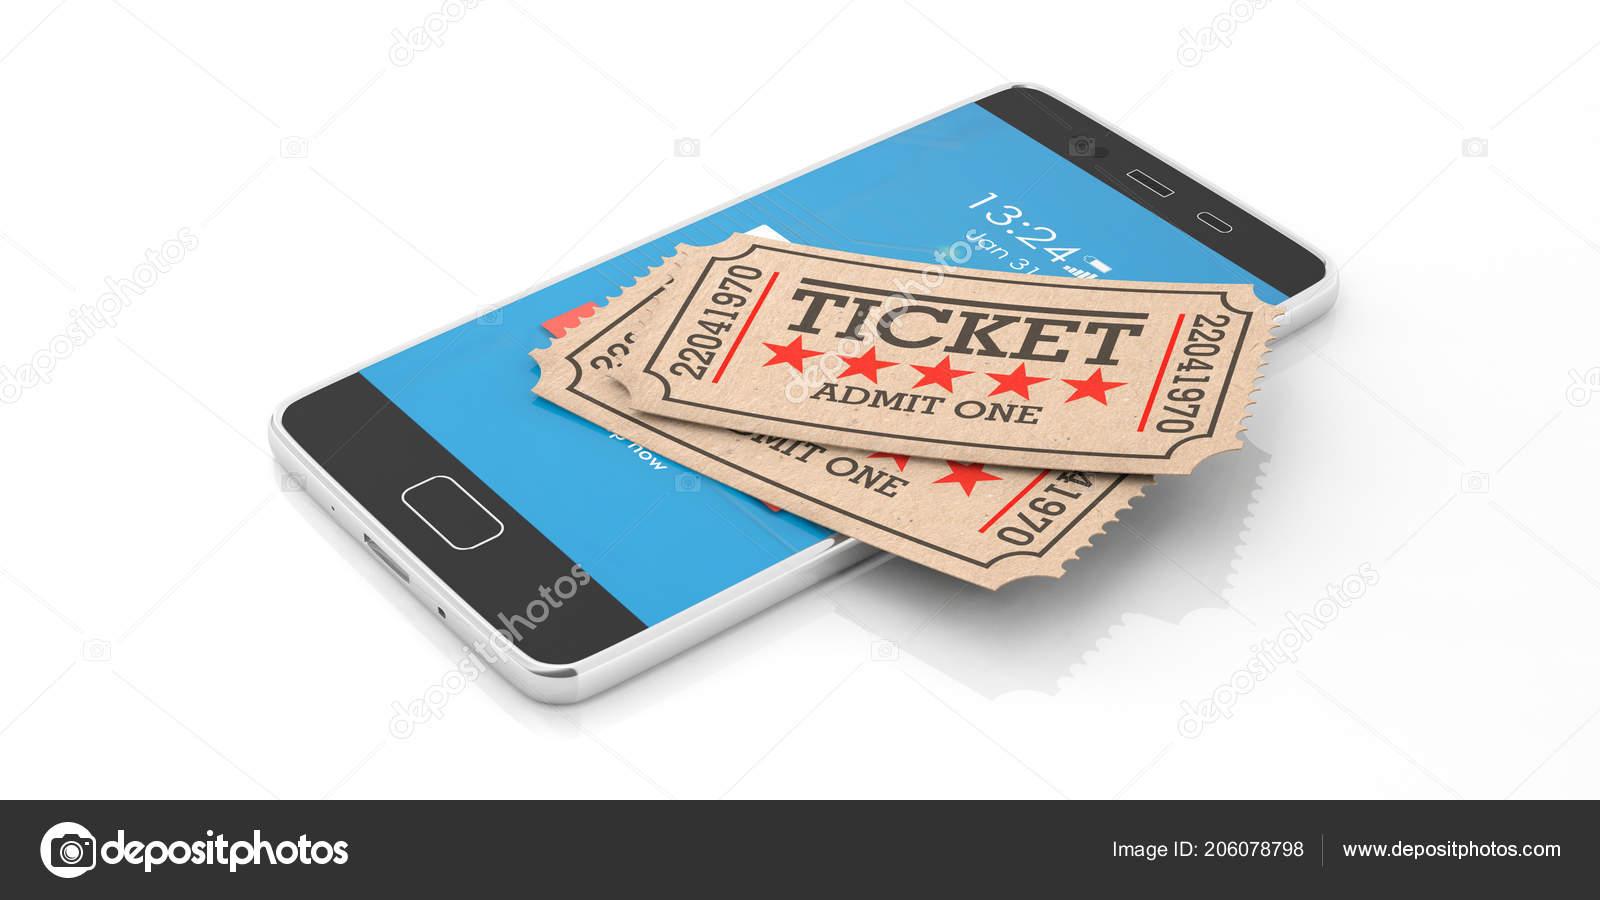 Онлайн бронировании билеты в кино крокус сити концерты 2017 афиша